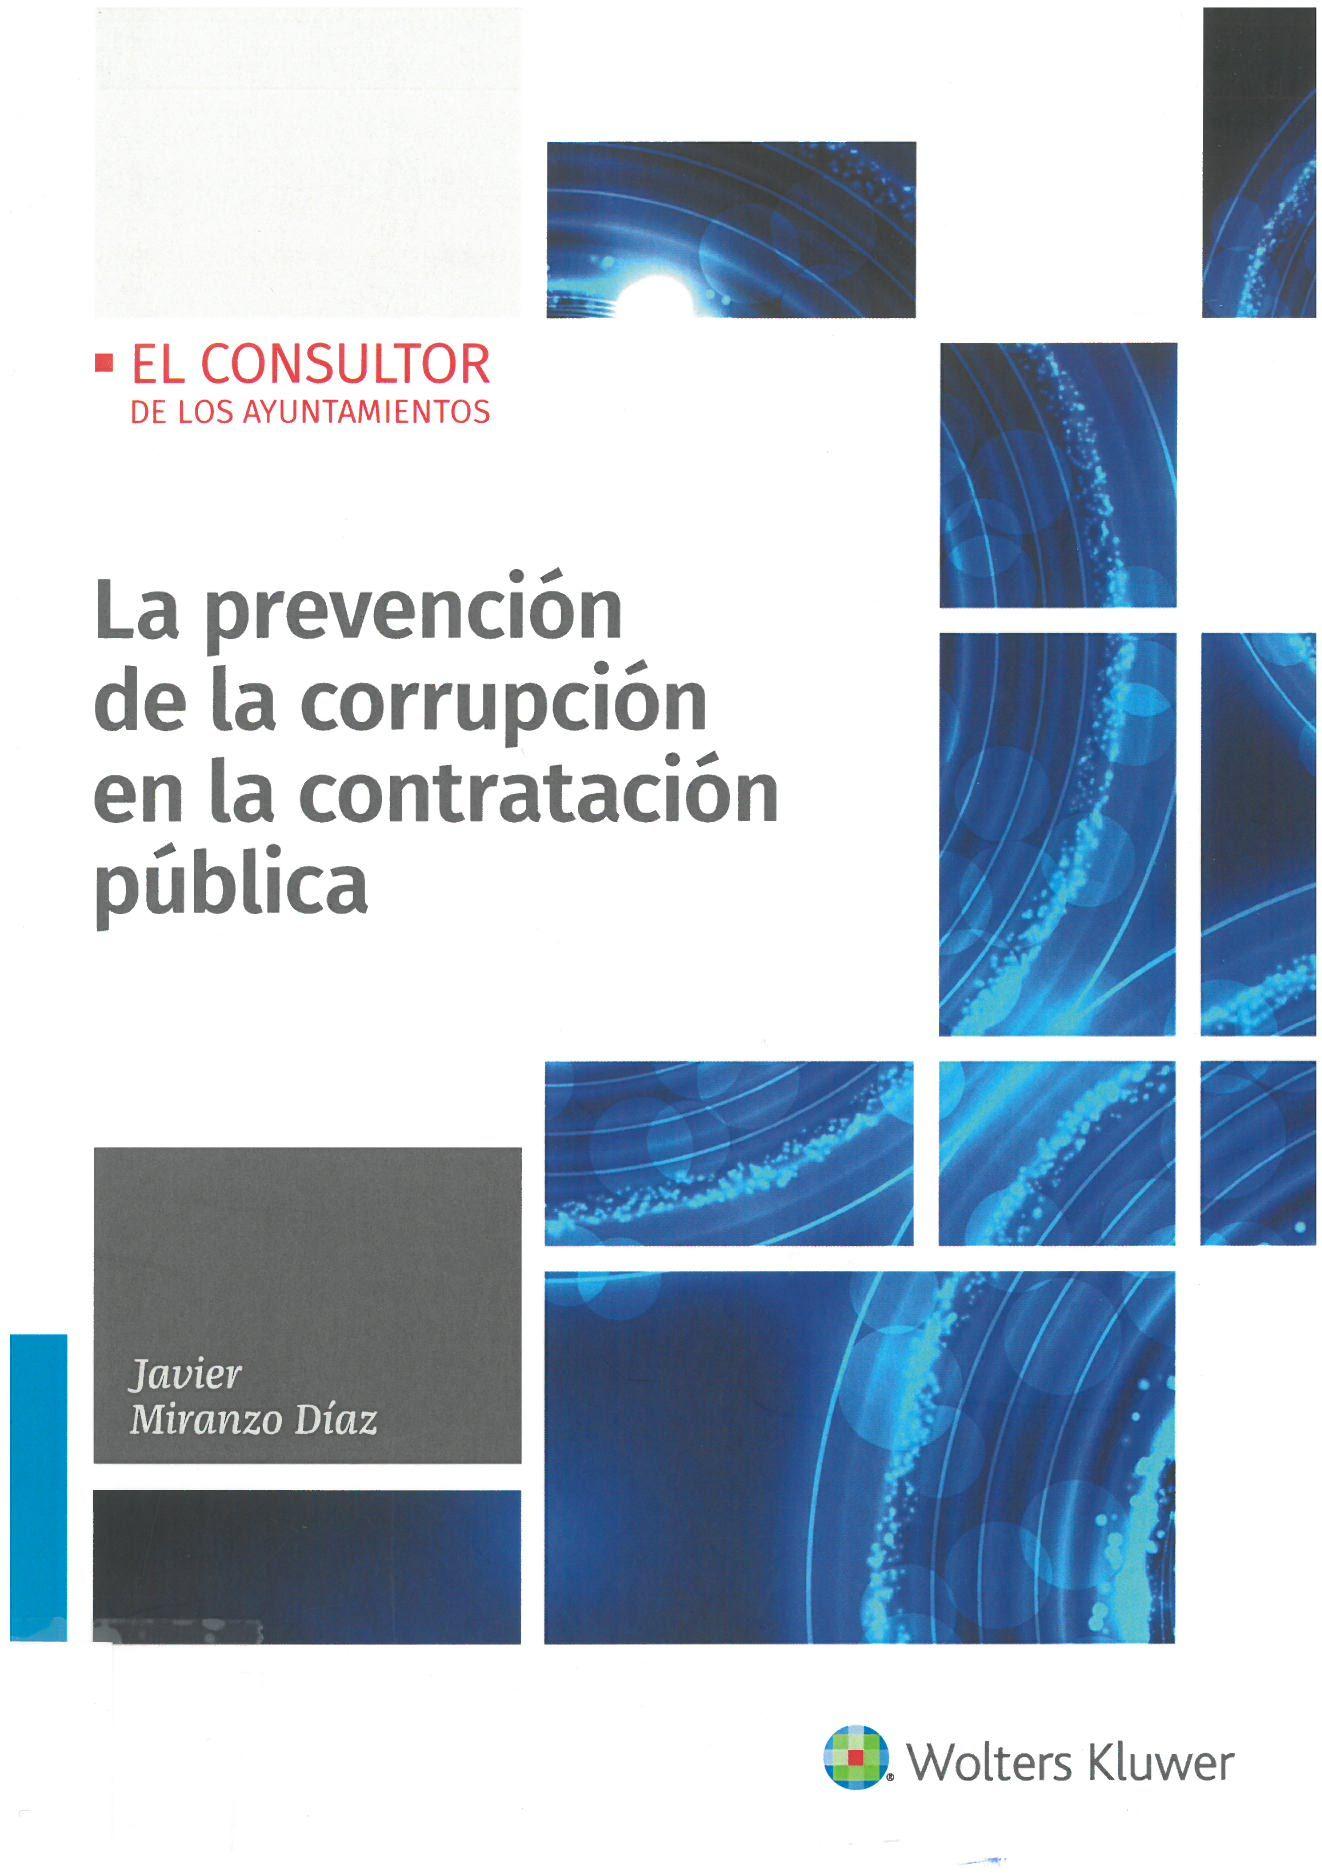 Miranzo Díaz Javier La Prevención De La Corrupción En La Contratación Pública Las Rozas Madrid Wolters Kluwer 2019 290 P Prevencion